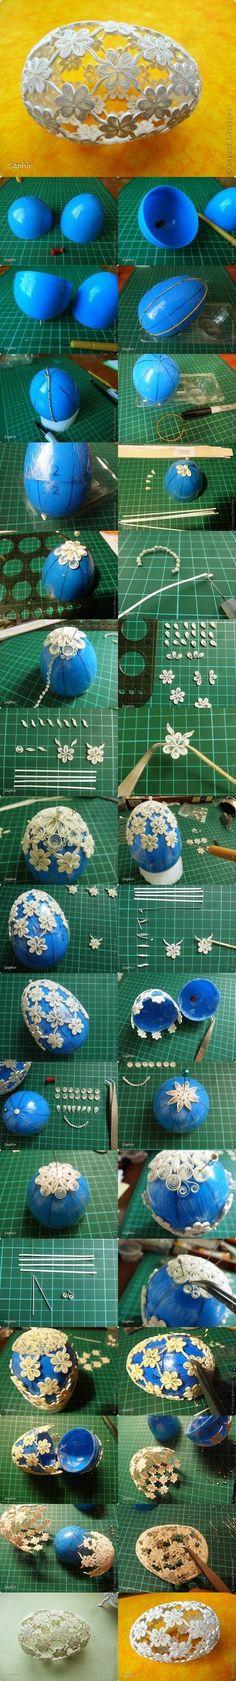 DIY Quilling Flowers Easter Egg | http://iCreativeIdeas.com Follow Us on Facebook --> https://www.facebook.com/icreativeideas